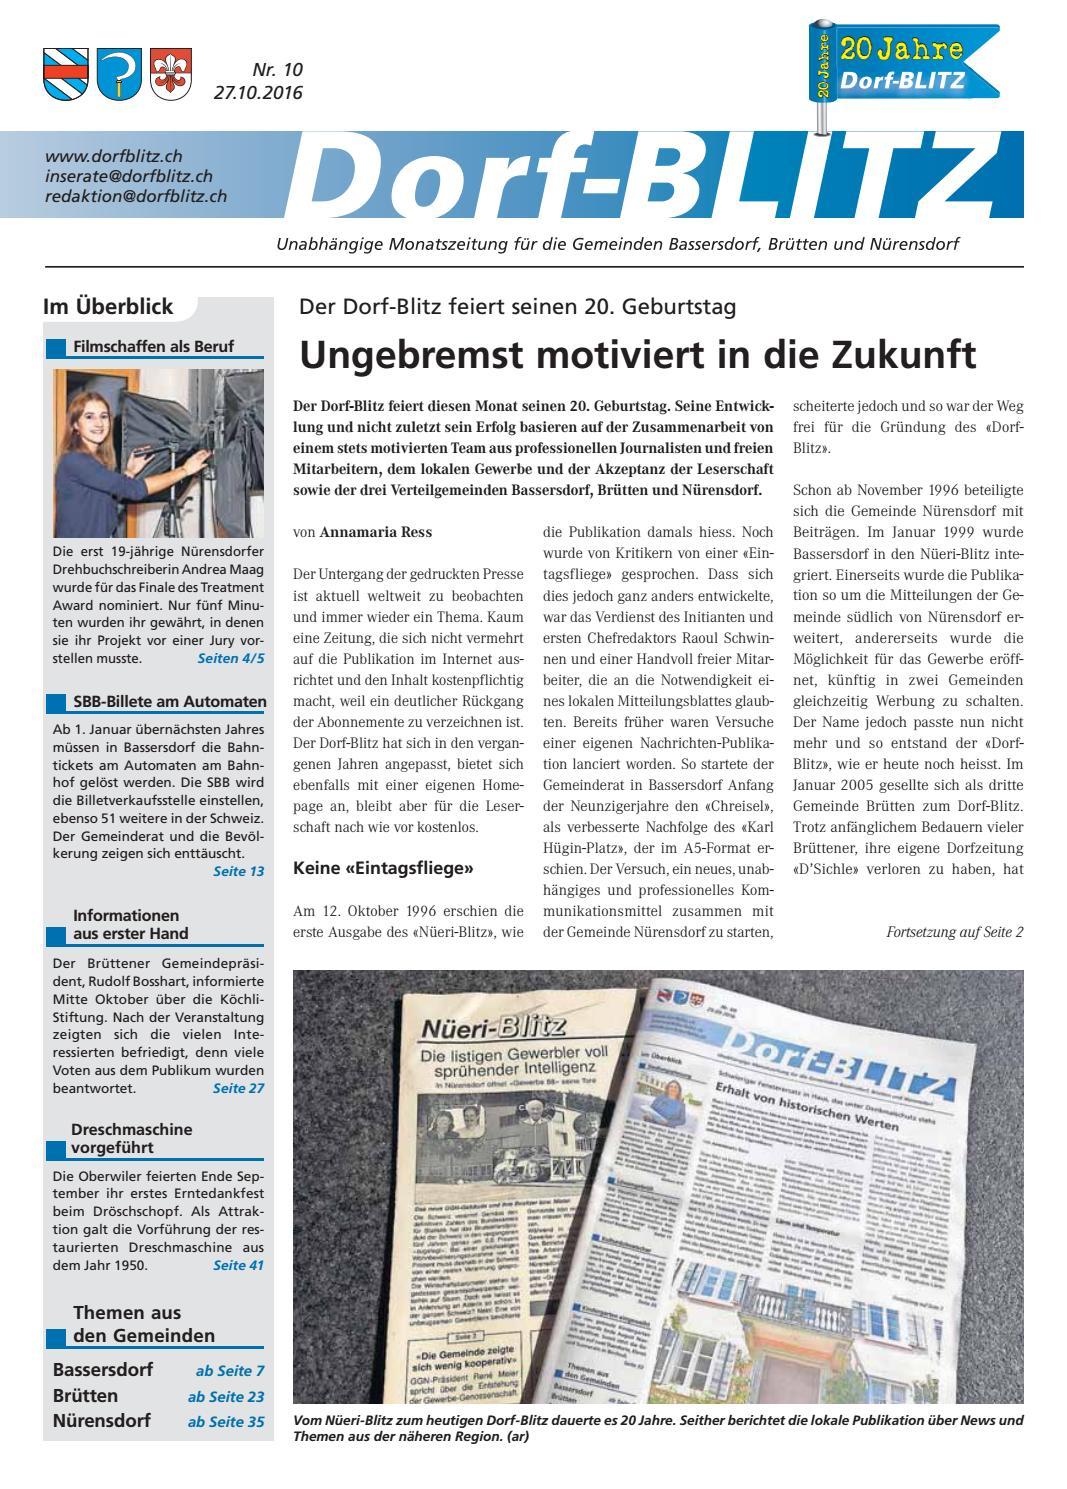 Dorf-Blitz Oktober 2016 by Dorf-Blitz - issuu